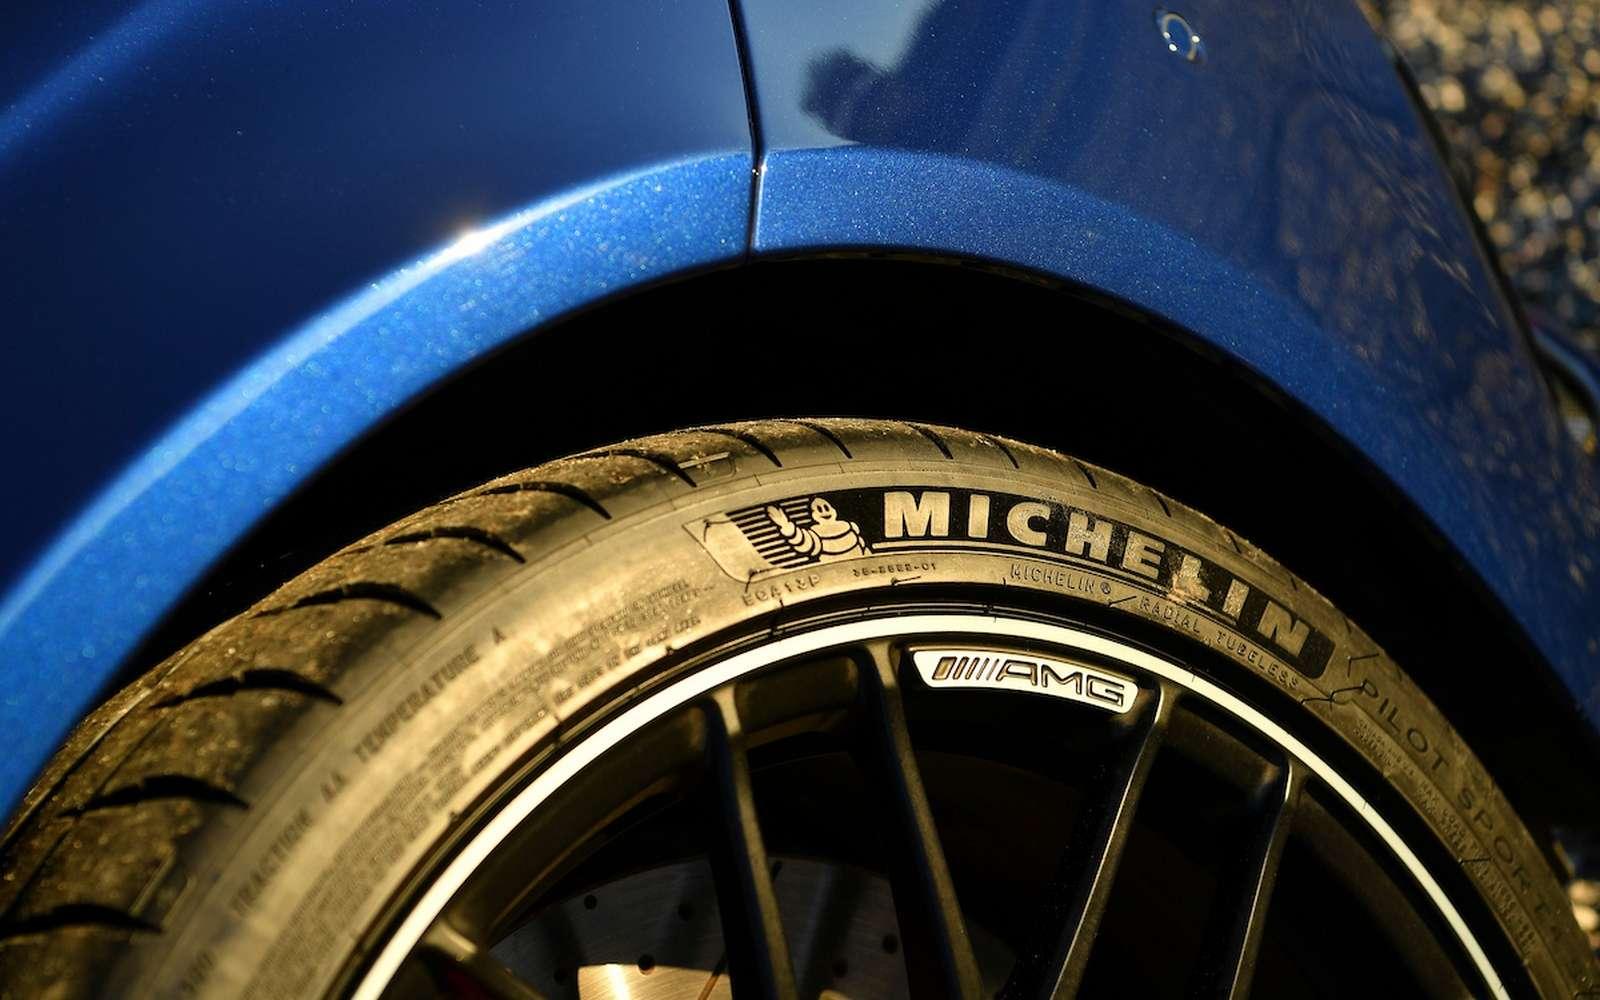 Michelin veut faire passer la proportion de matériaux pétrochimiques dans ses pneumatiques de 72 % aujourd'hui à 20 % en 2048. © Michelin